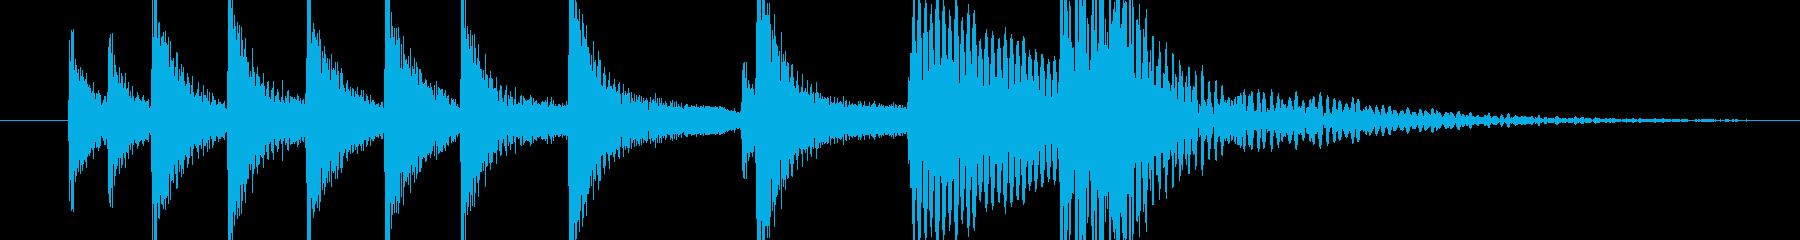 壺をたたいたエスニックな音の再生済みの波形